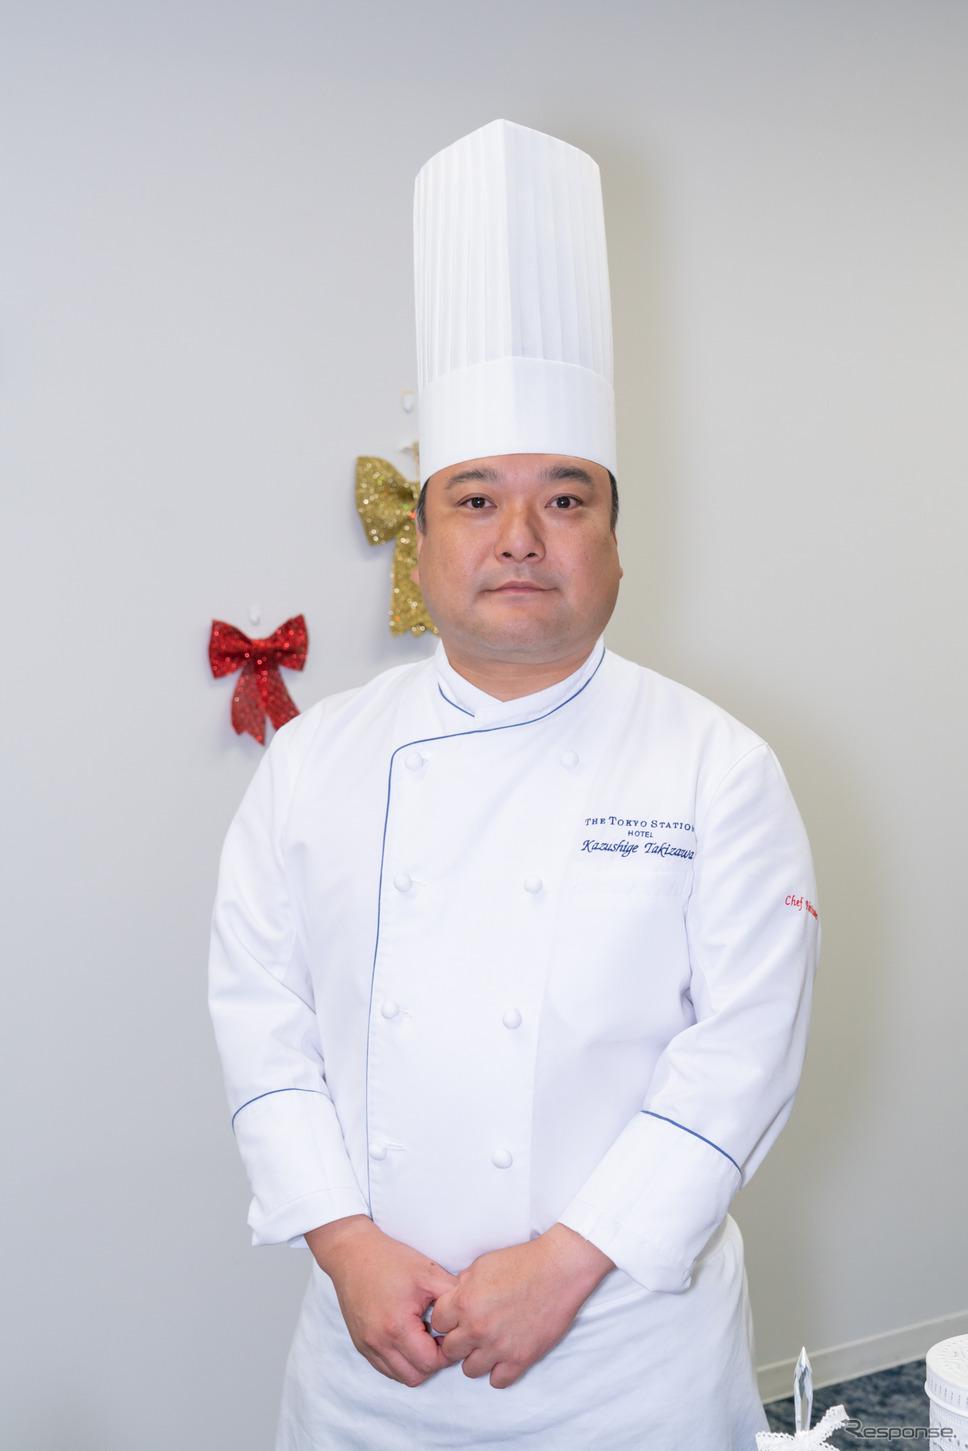 東京ステーションホテルオリジナルケーキの制作を担当した、シェフパティシエの瀧澤一茂氏